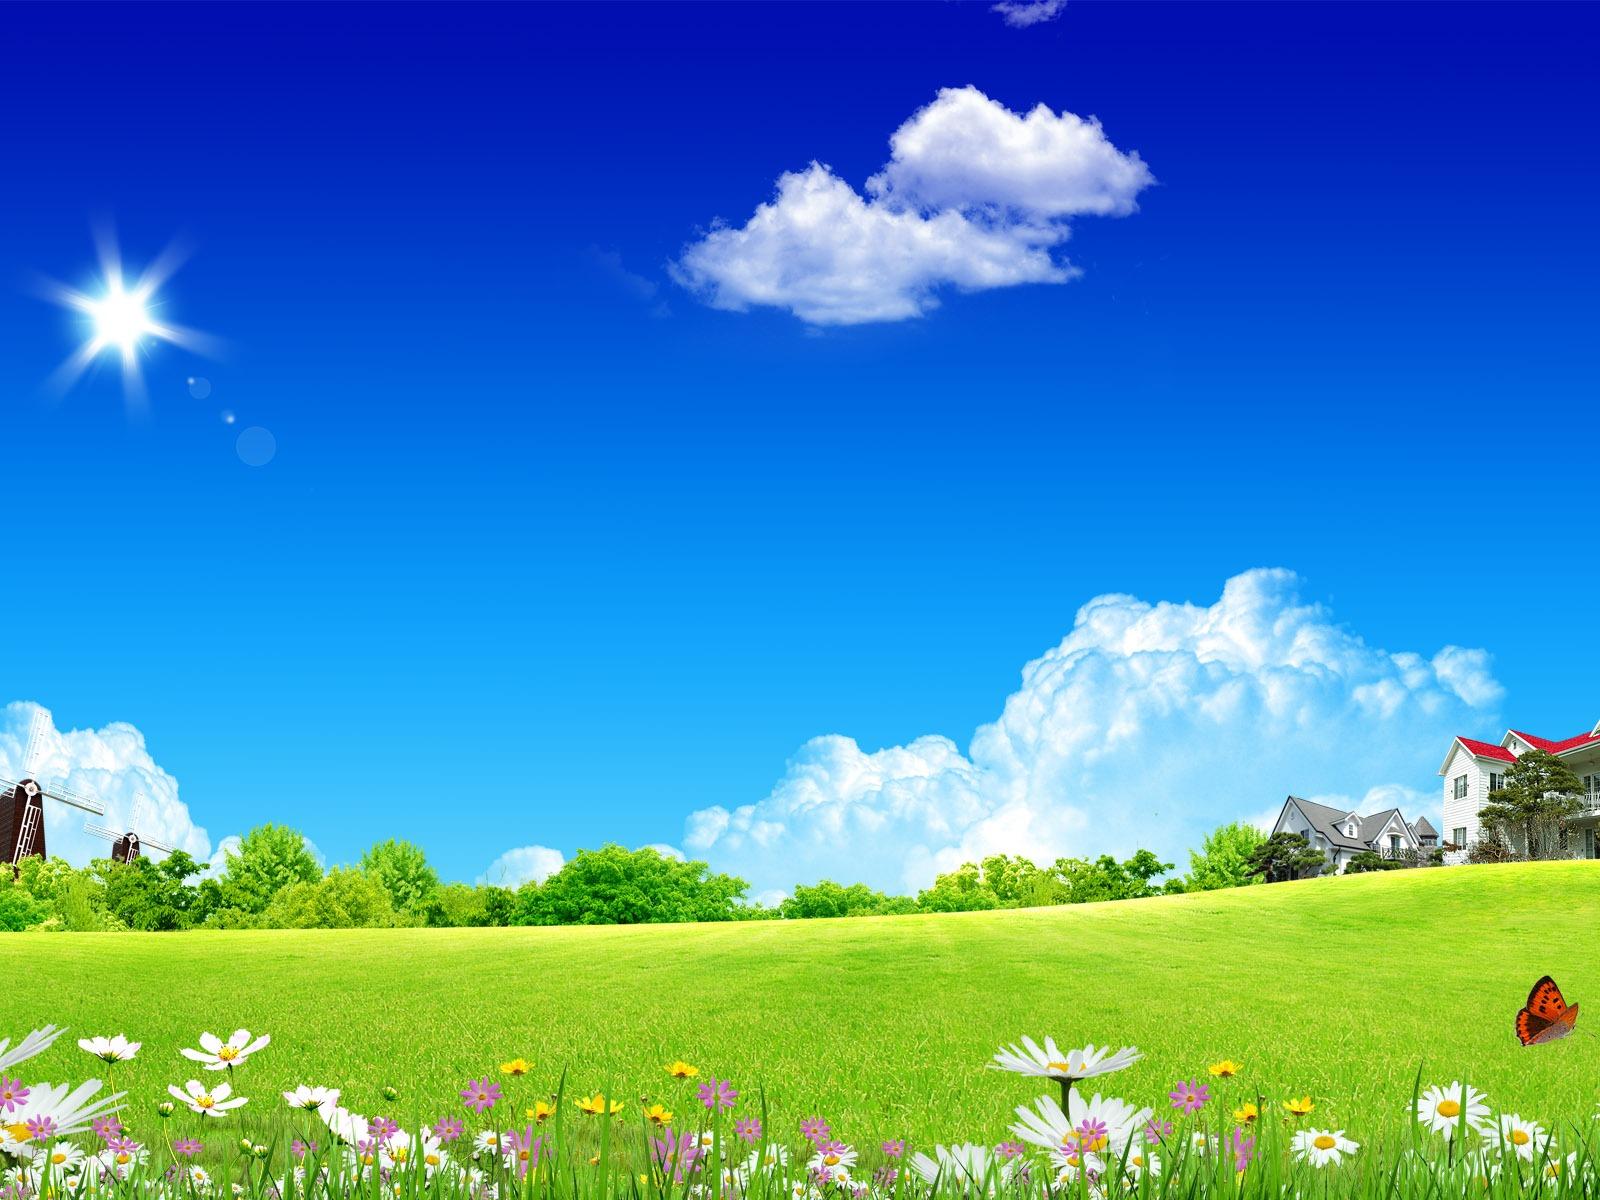 Photoshop fond d 39 cran paysage d 39 t ensoleill e 2 3 for Fond ecran ete hd